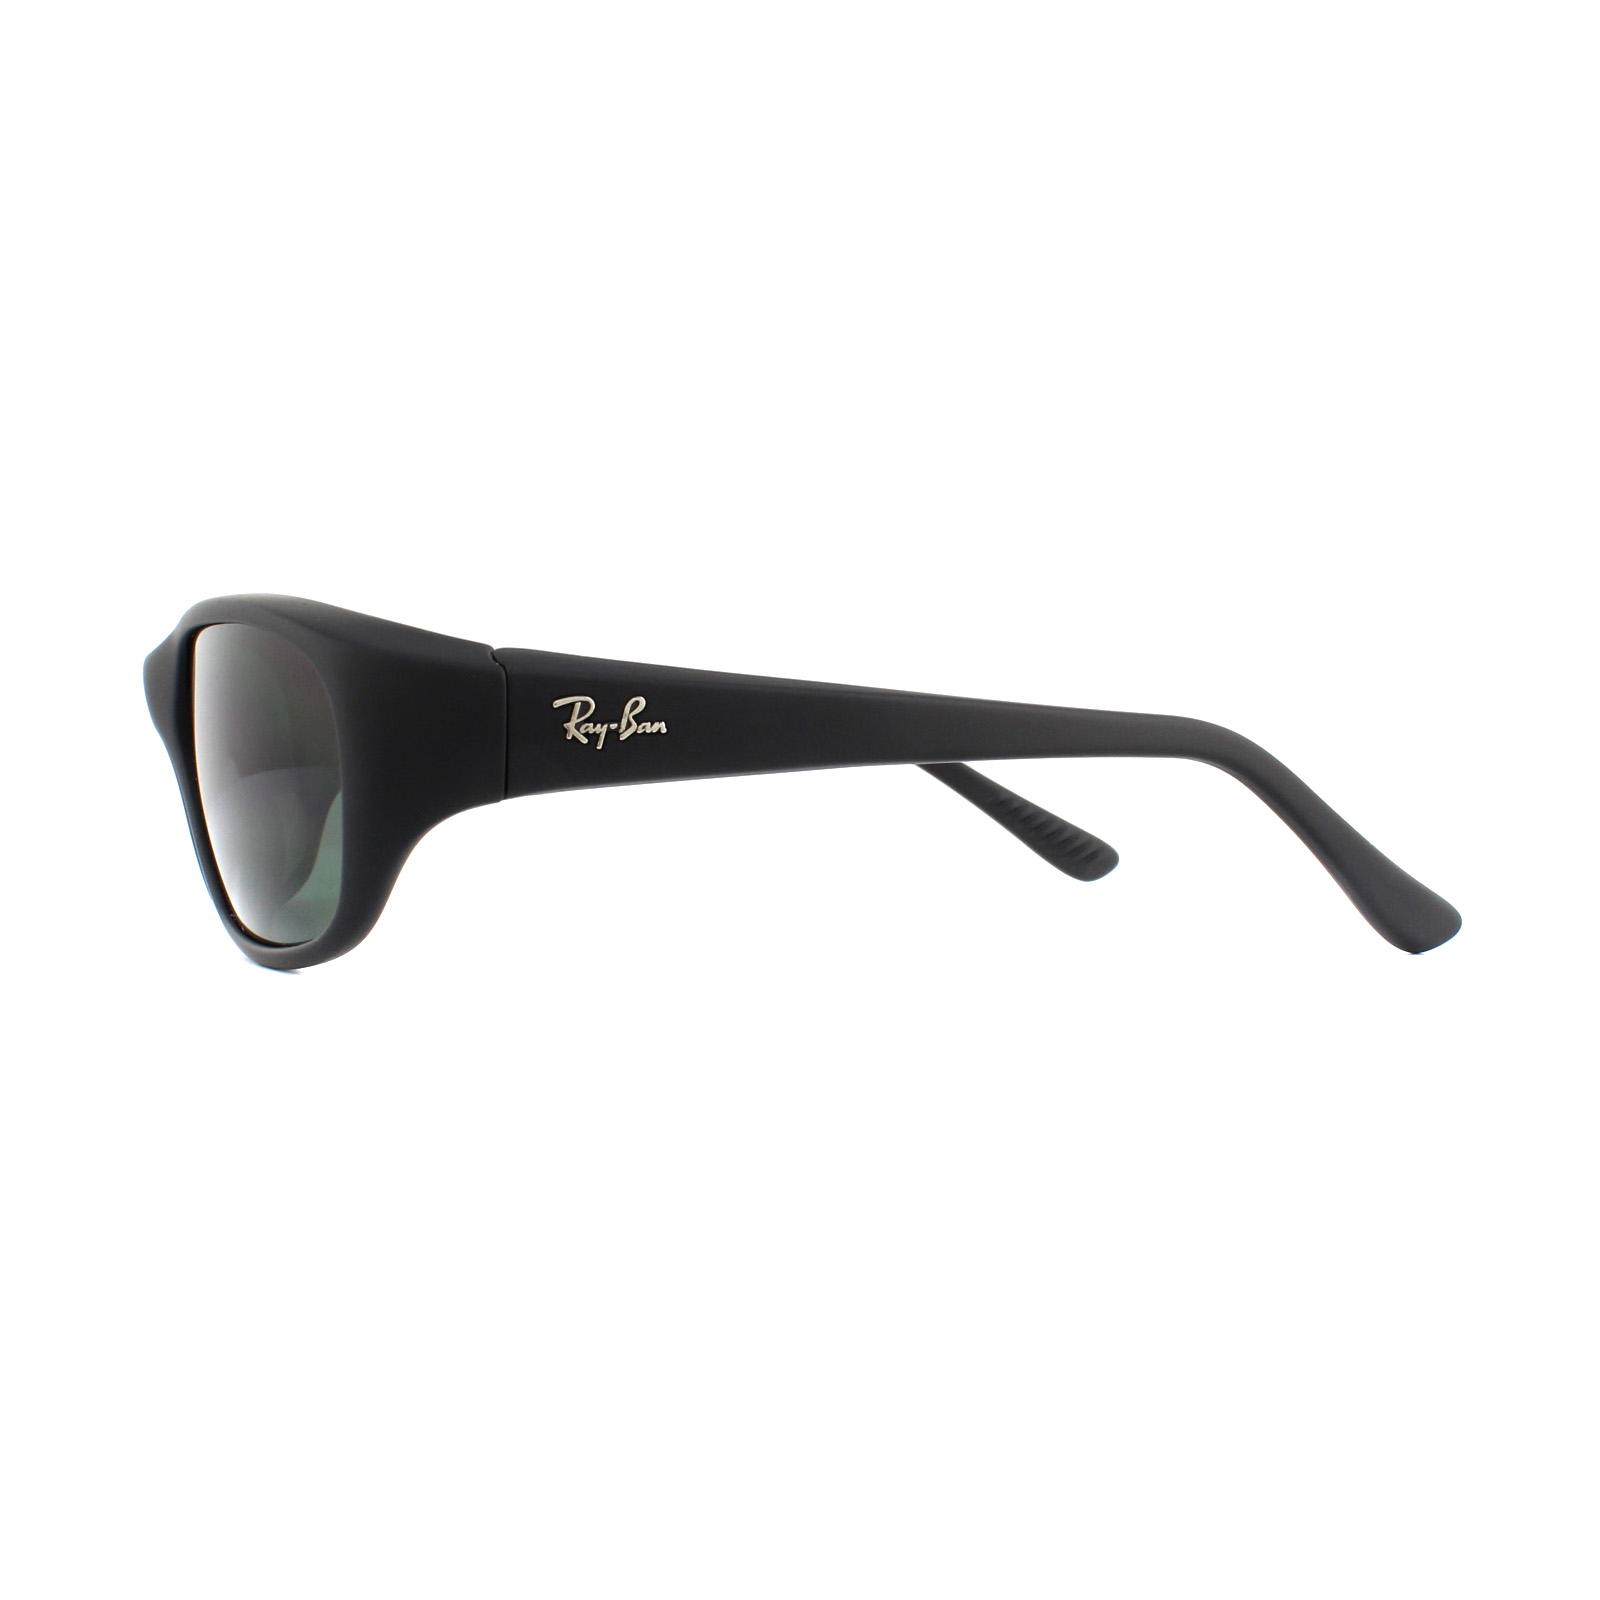 822cd82261 CENTINELA Gafas de sol Ray-Ban Daddy O II RB2016 W2578 Negro Verde G-15